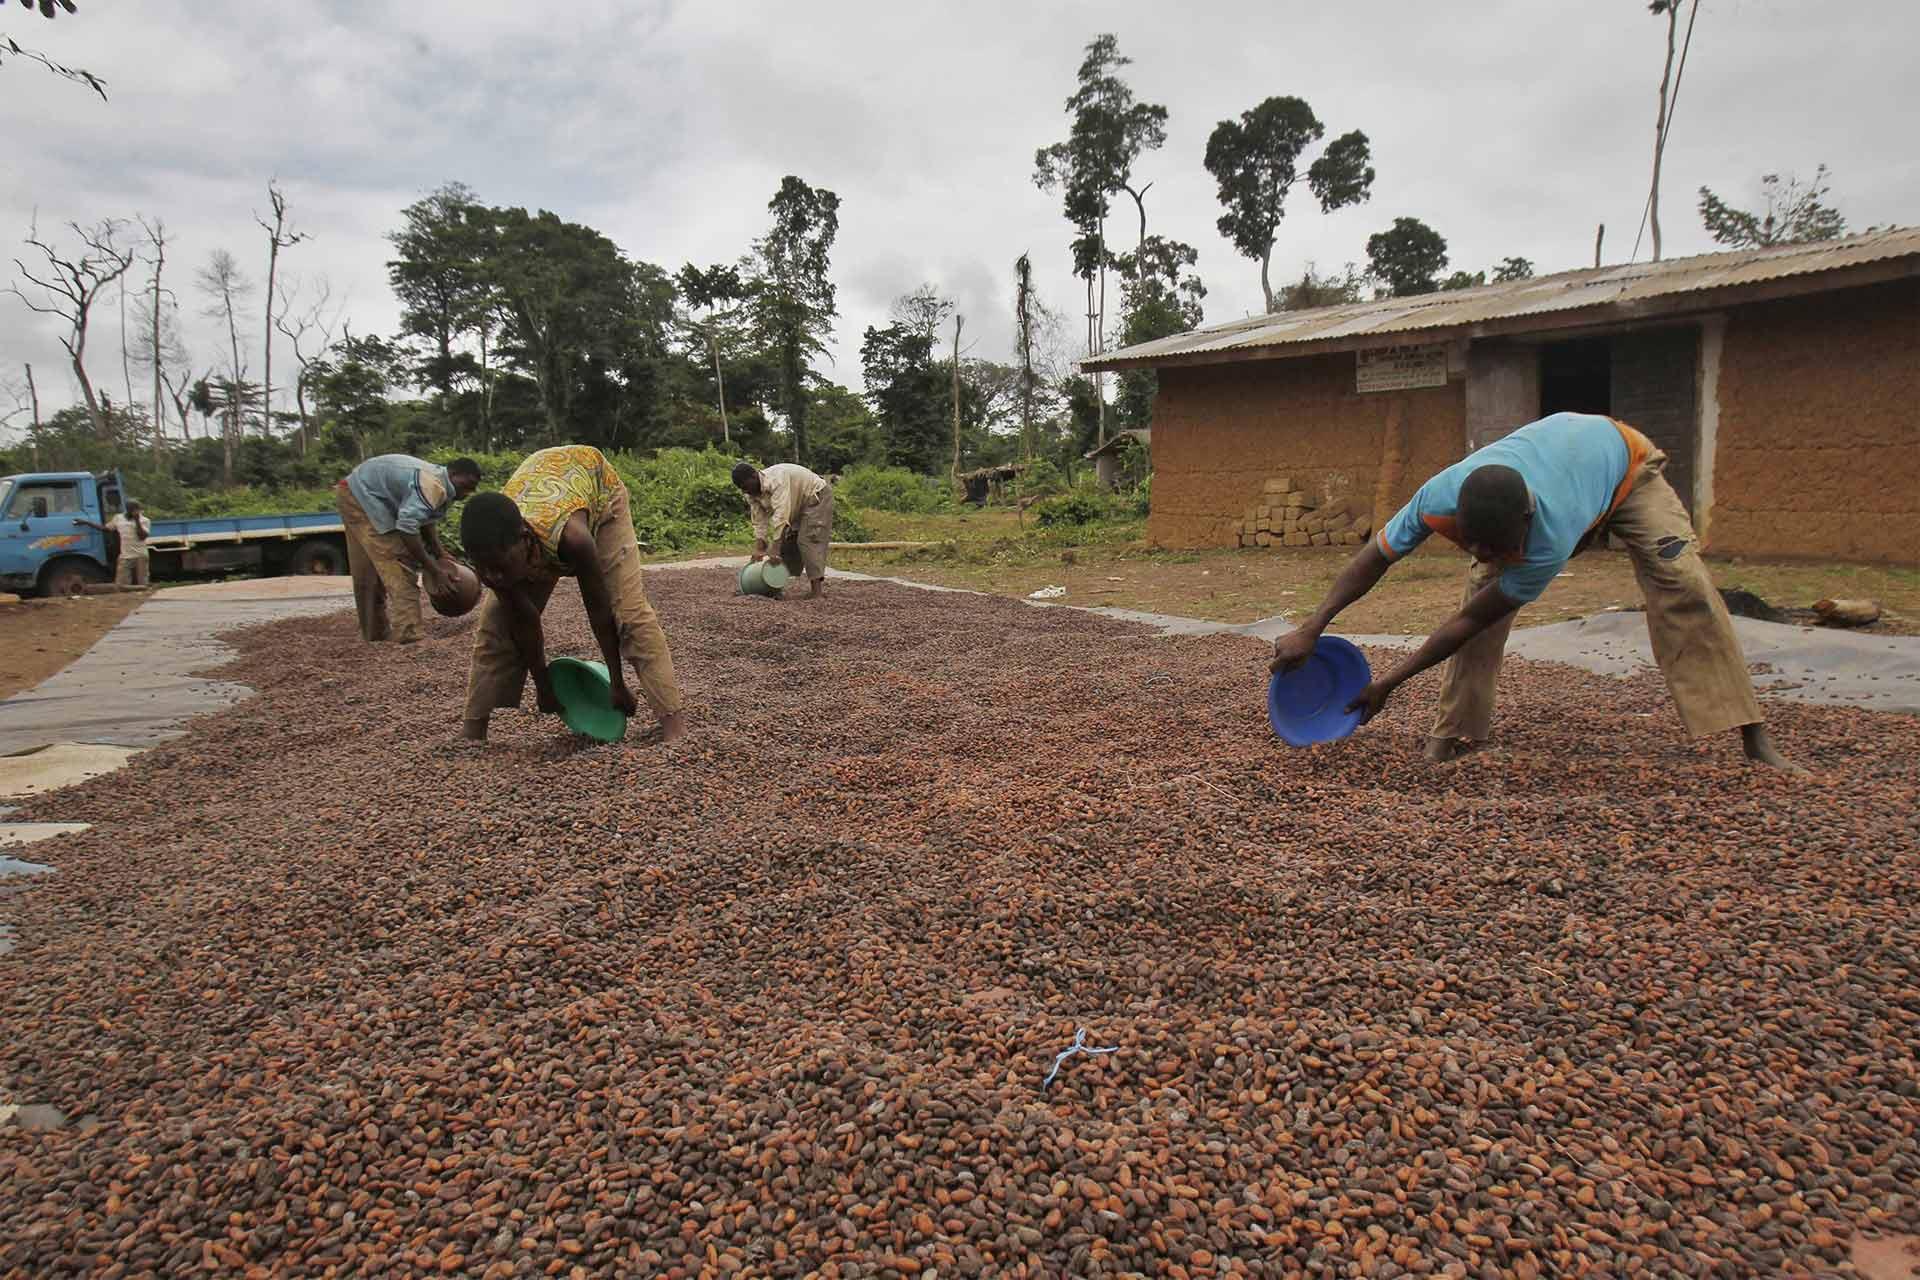 La organización monitorea el fenómeno para no se produzcan emergencias relacionadas con la seguridad alimentaria